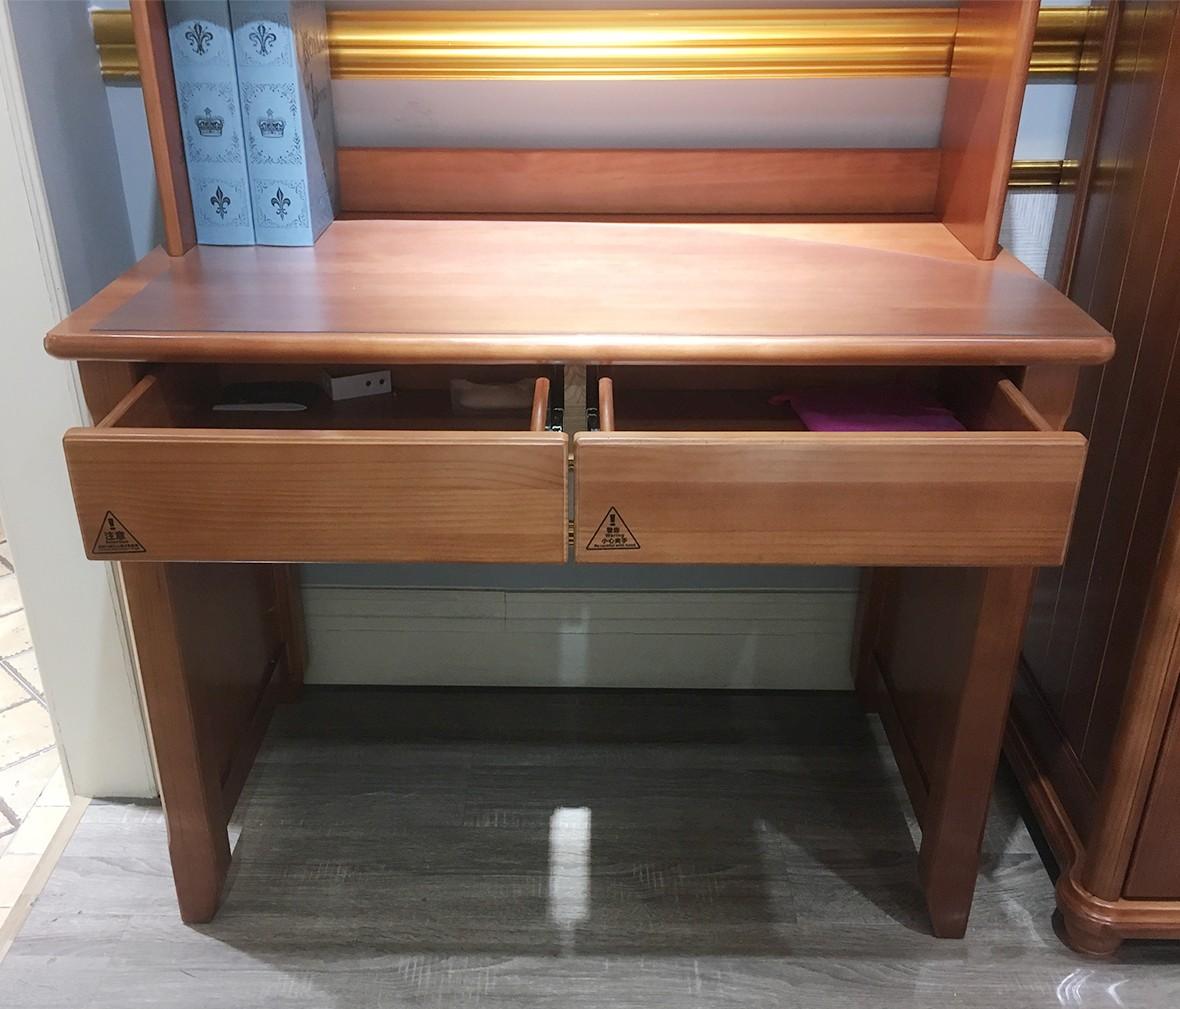 多喜爱儿童家具 QTM601-10-T型号1.0米书桌 进口实木书桌